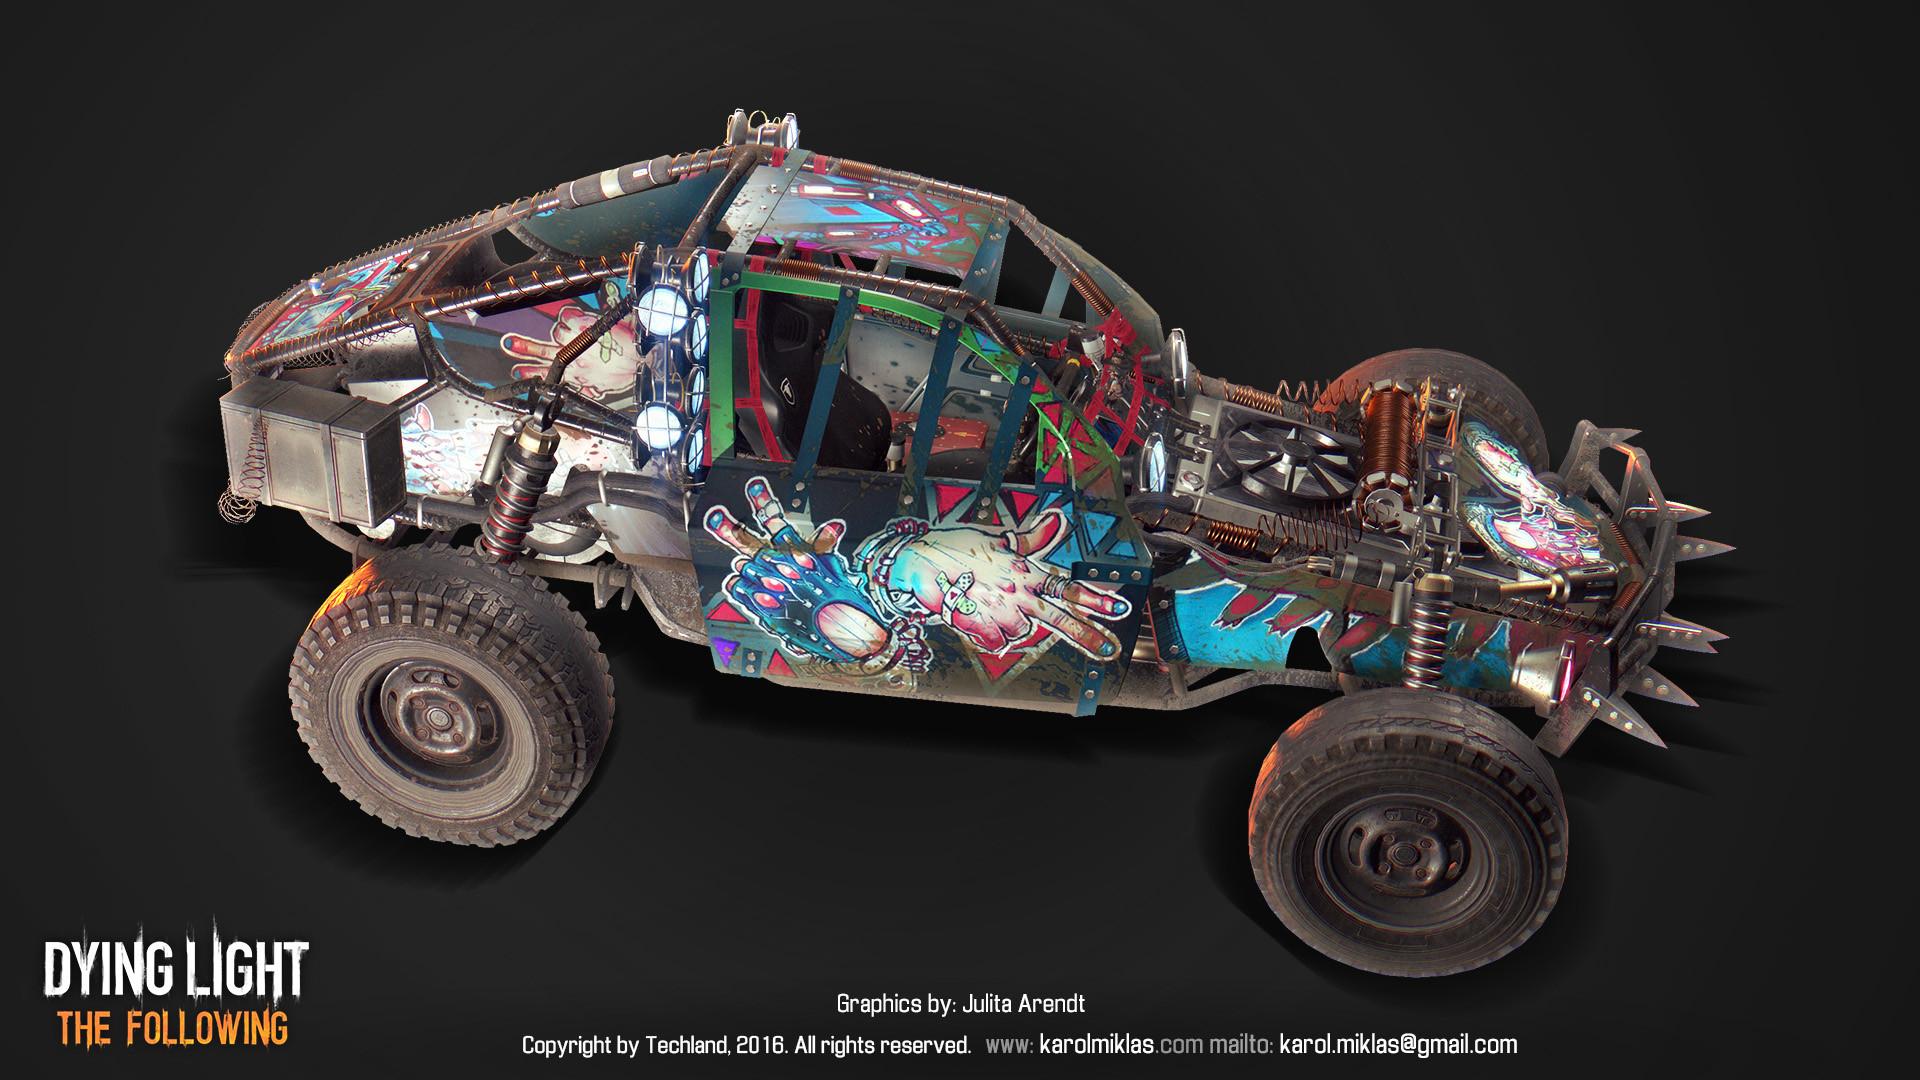 karol-miklas-buggy-skin-9.jpg